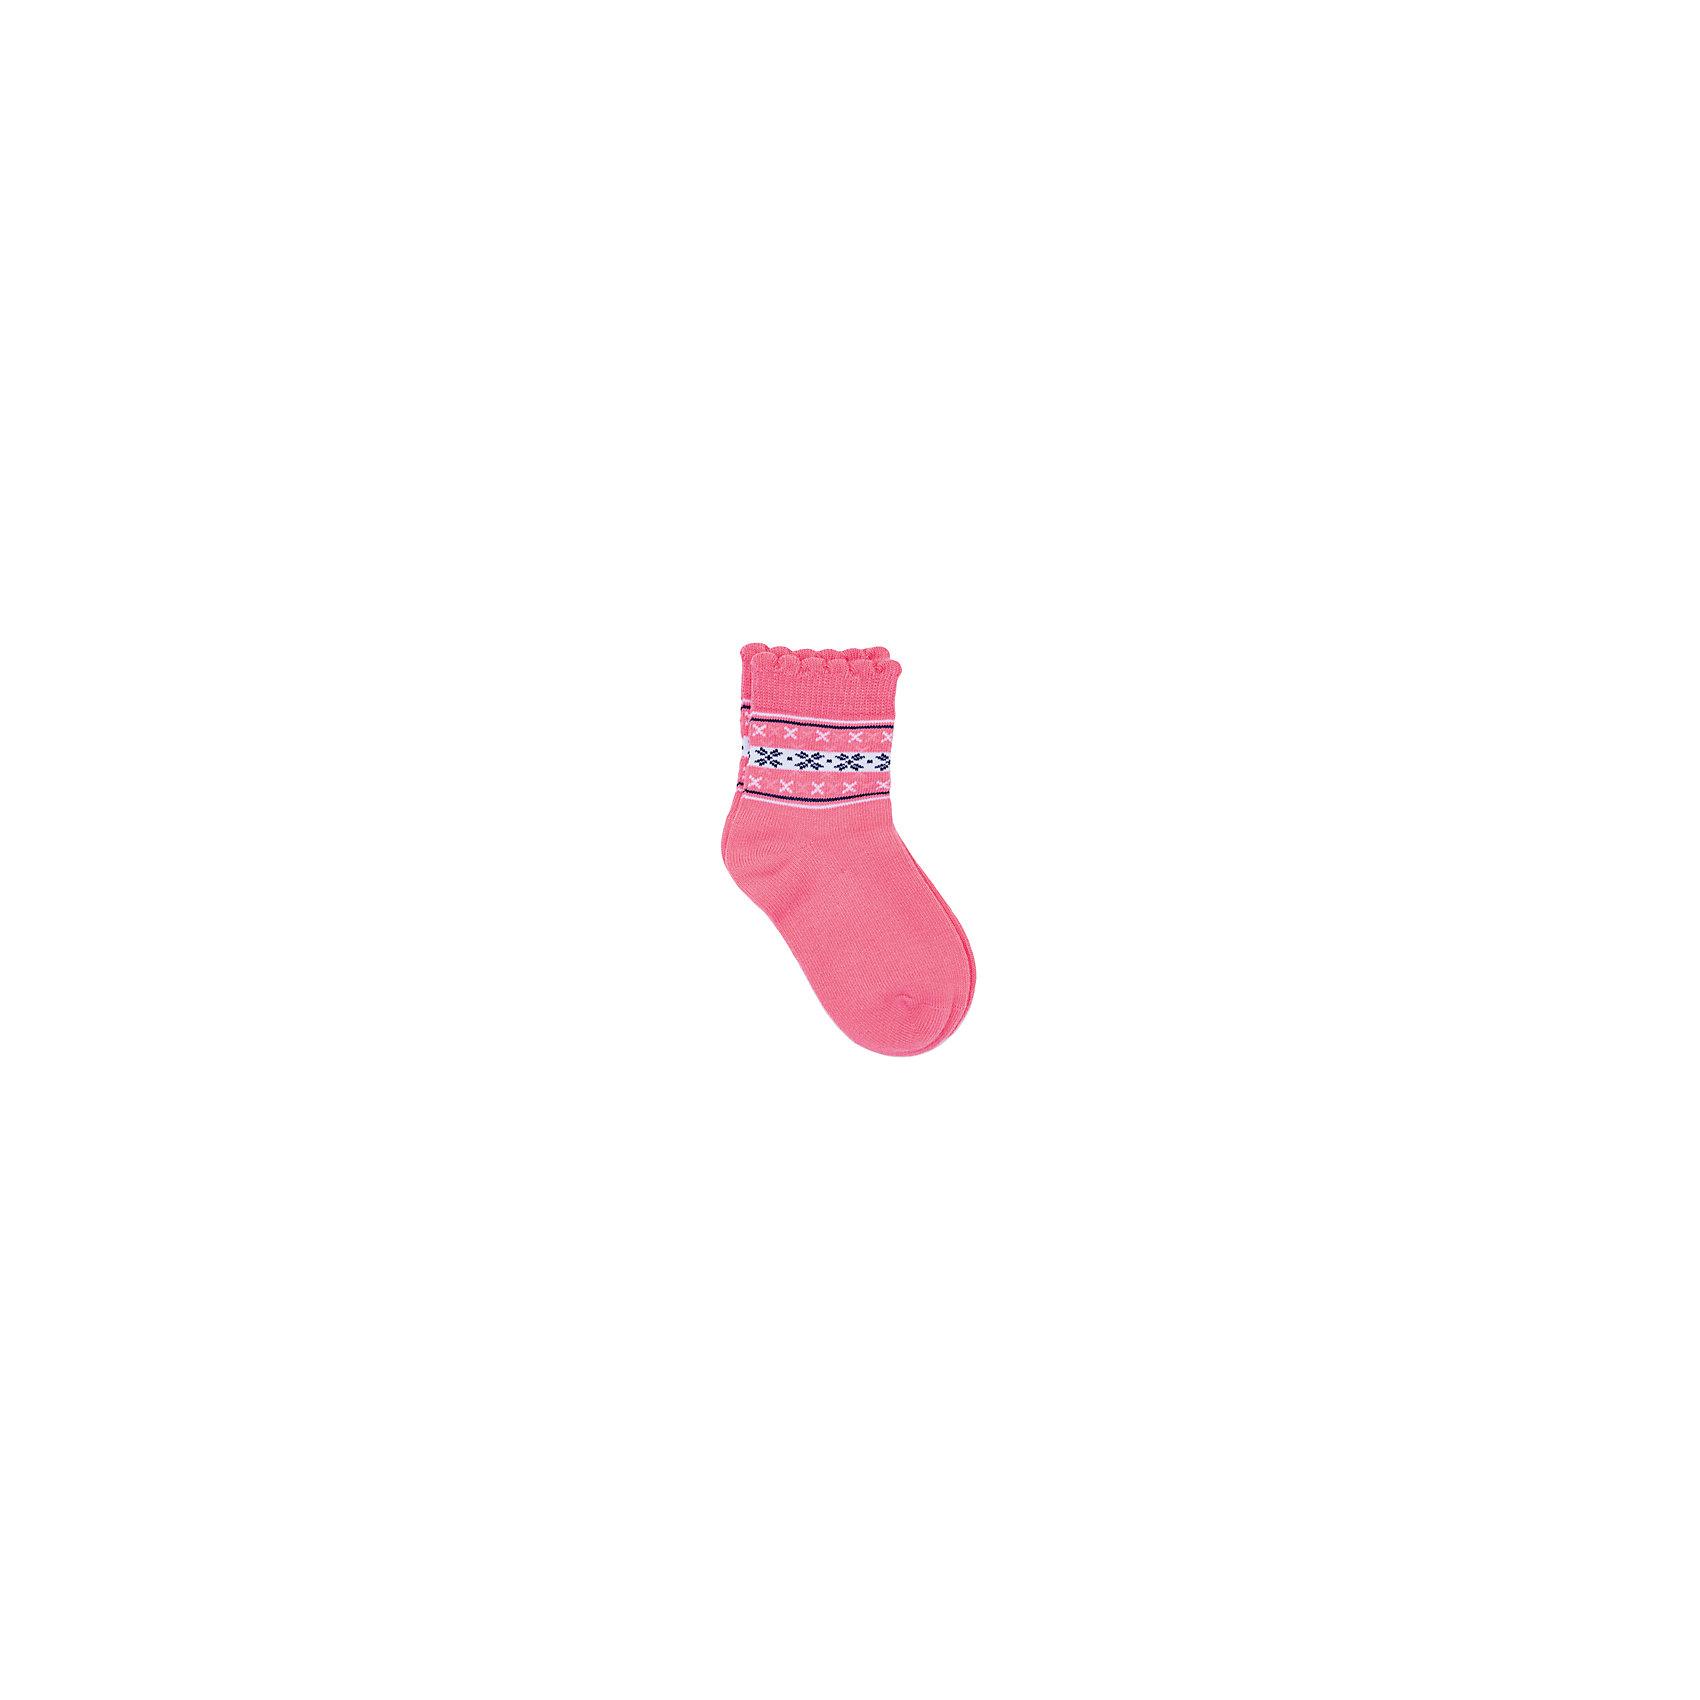 Носки для девочки PlayTodayНоски для девочки от известного бренда PlayToday.<br>Уютные хлопковые носочки. Верх на мягкой резинке.<br>Состав:<br>75% хлопок, 22% нейлон, 3% эластан<br><br>Ширина мм: 87<br>Глубина мм: 10<br>Высота мм: 105<br>Вес г: 115<br>Цвет: розовый<br>Возраст от месяцев: 12<br>Возраст до месяцев: 18<br>Пол: Женский<br>Возраст: Детский<br>Размер: 11,12<br>SKU: 4900670